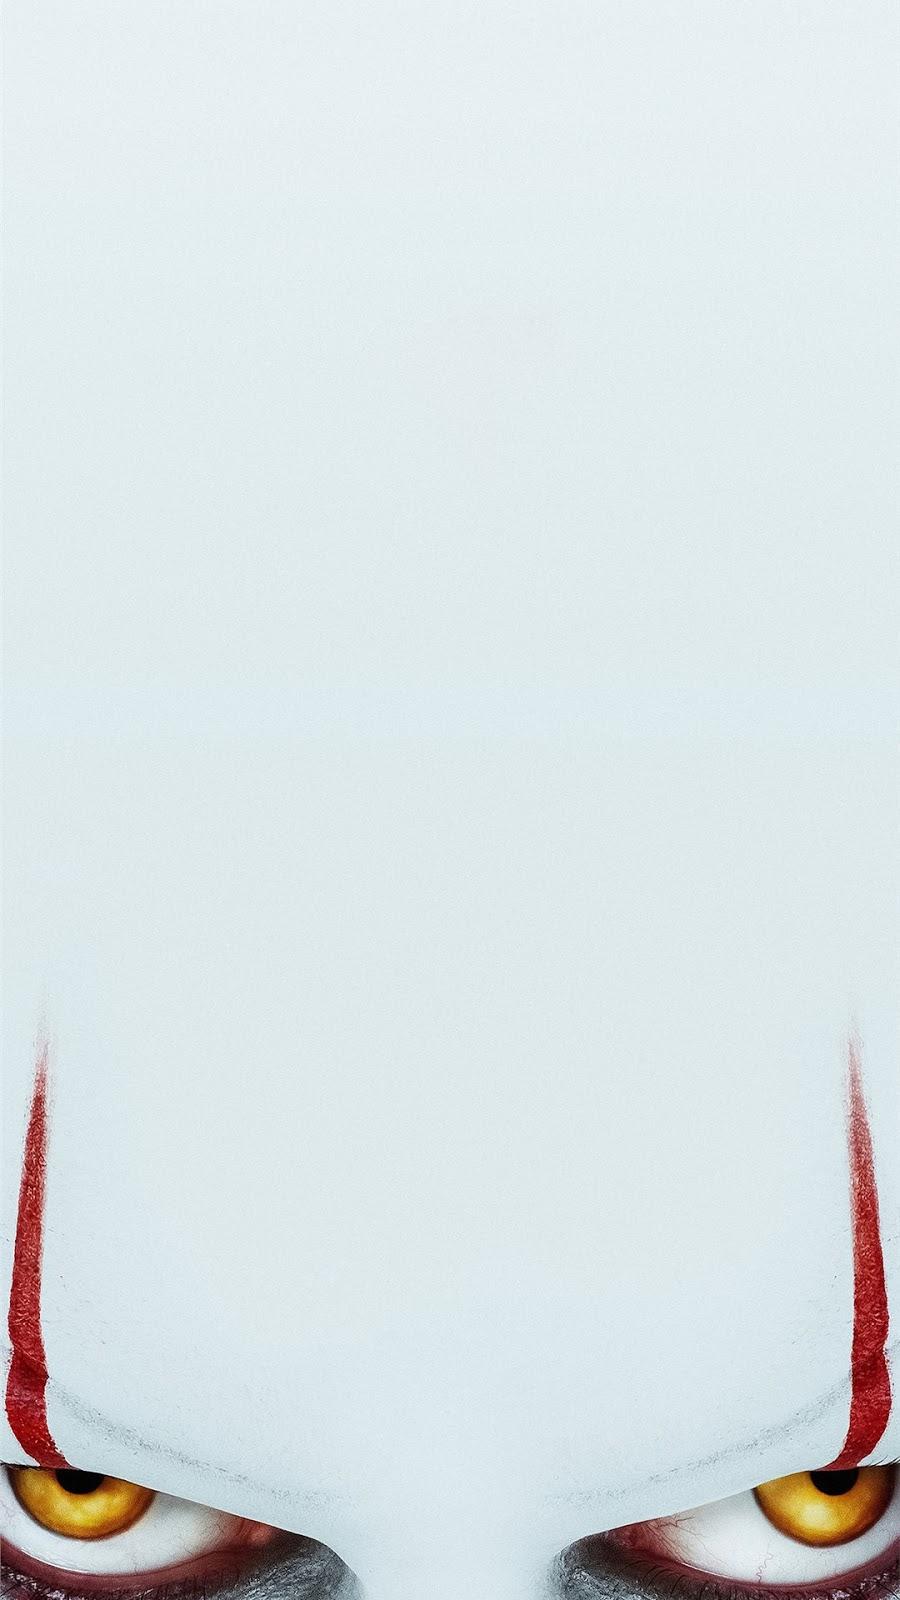 iPhone, IT capitolo 2, wallpaper IT, occhi, horror, it pagliaccio